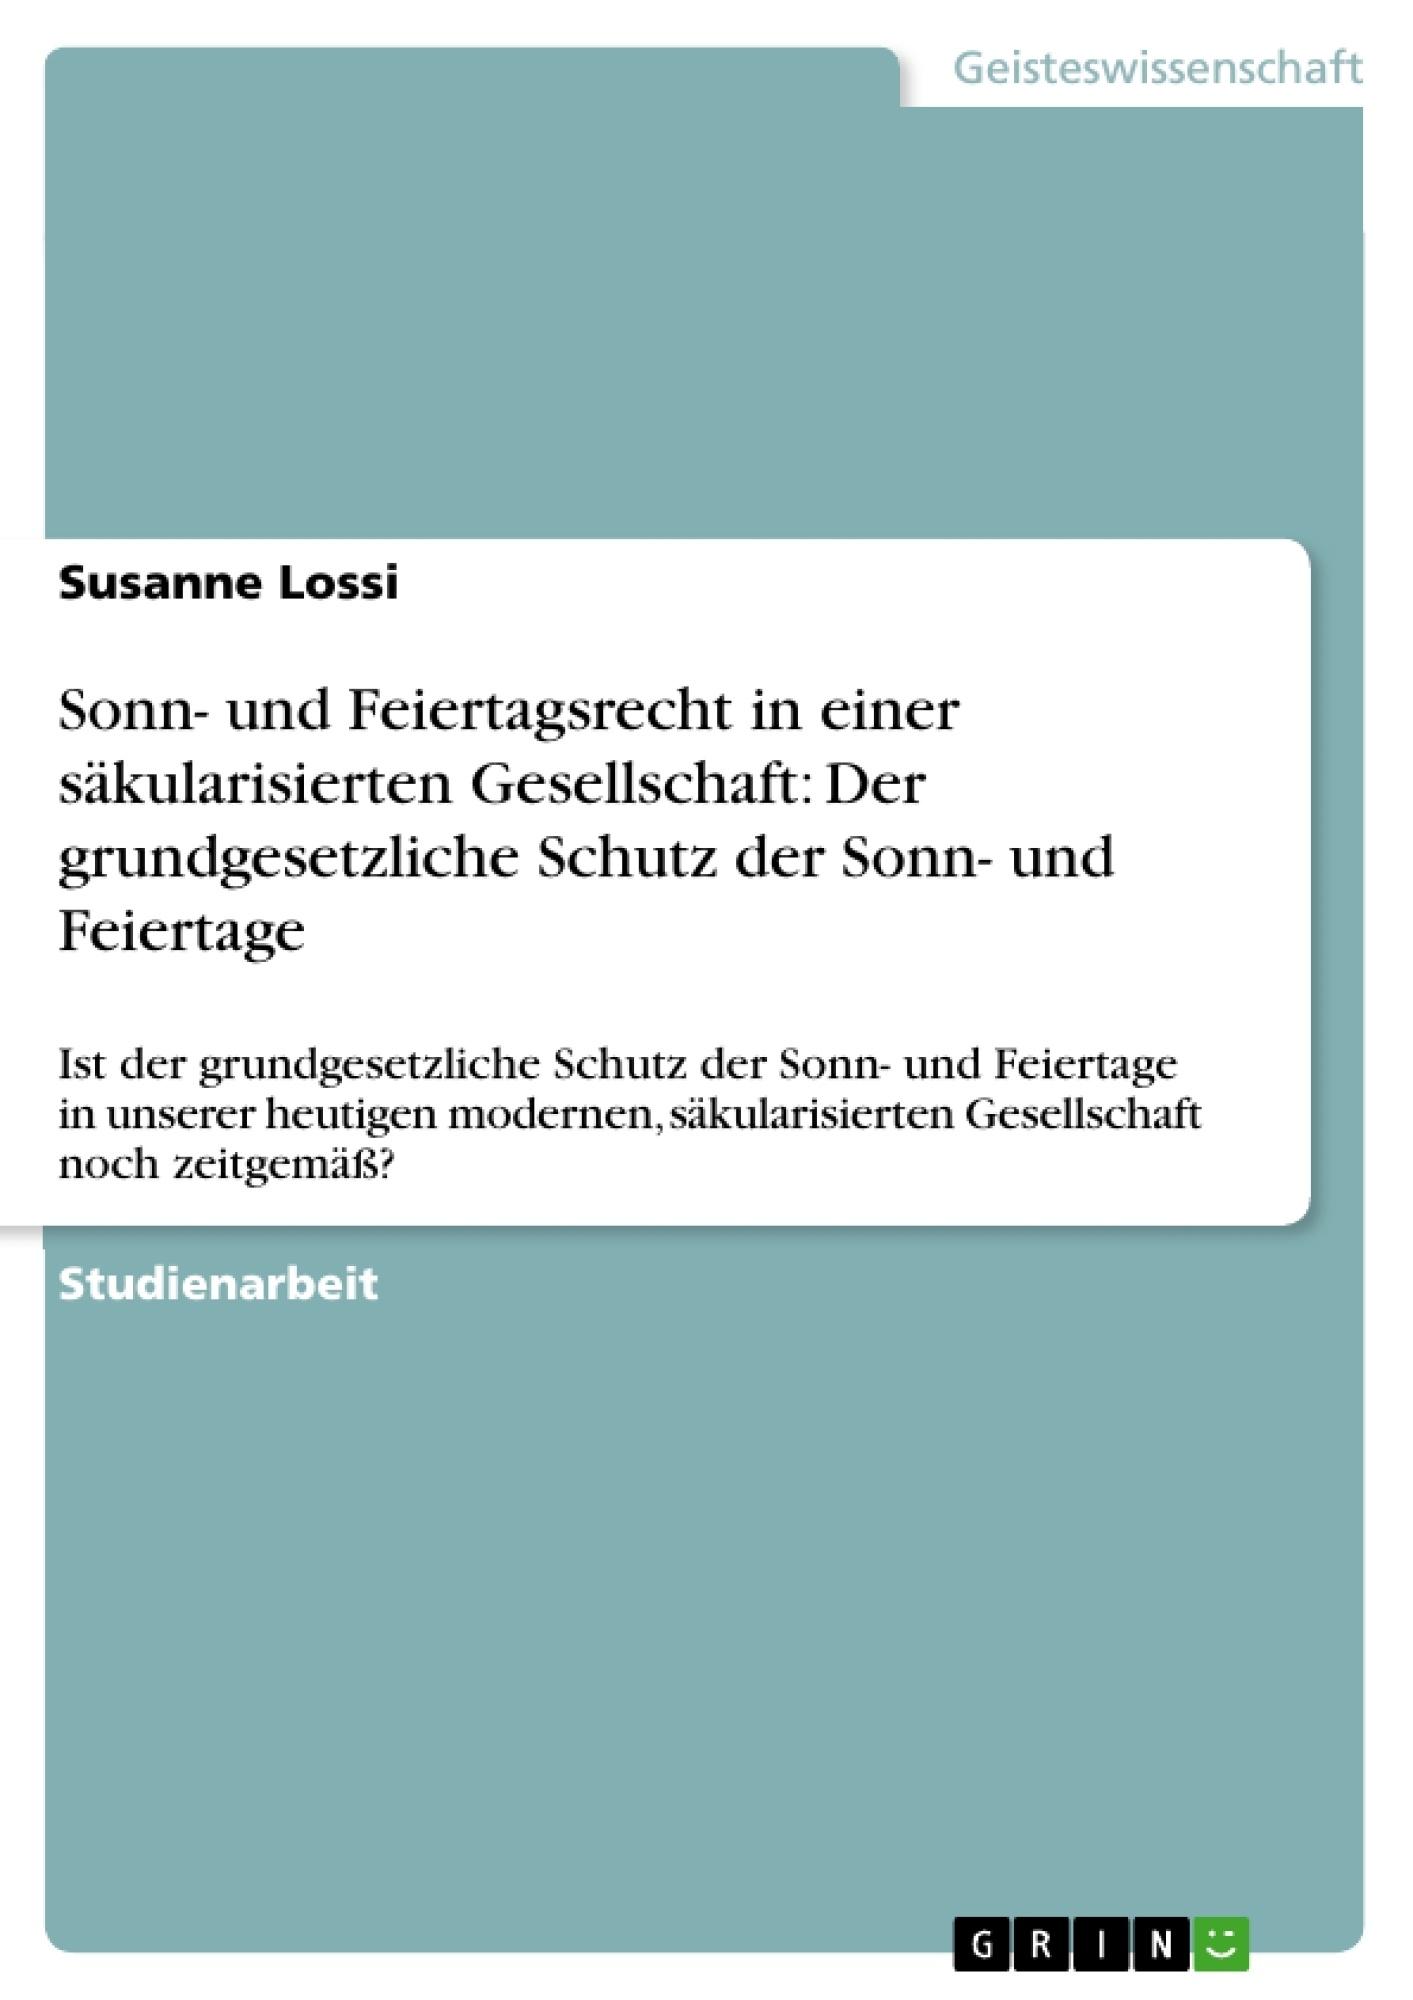 Titel: Sonn- und Feiertagsrecht in einer säkularisierten Gesellschaft: Der grundgesetzliche Schutz der Sonn- und Feiertage